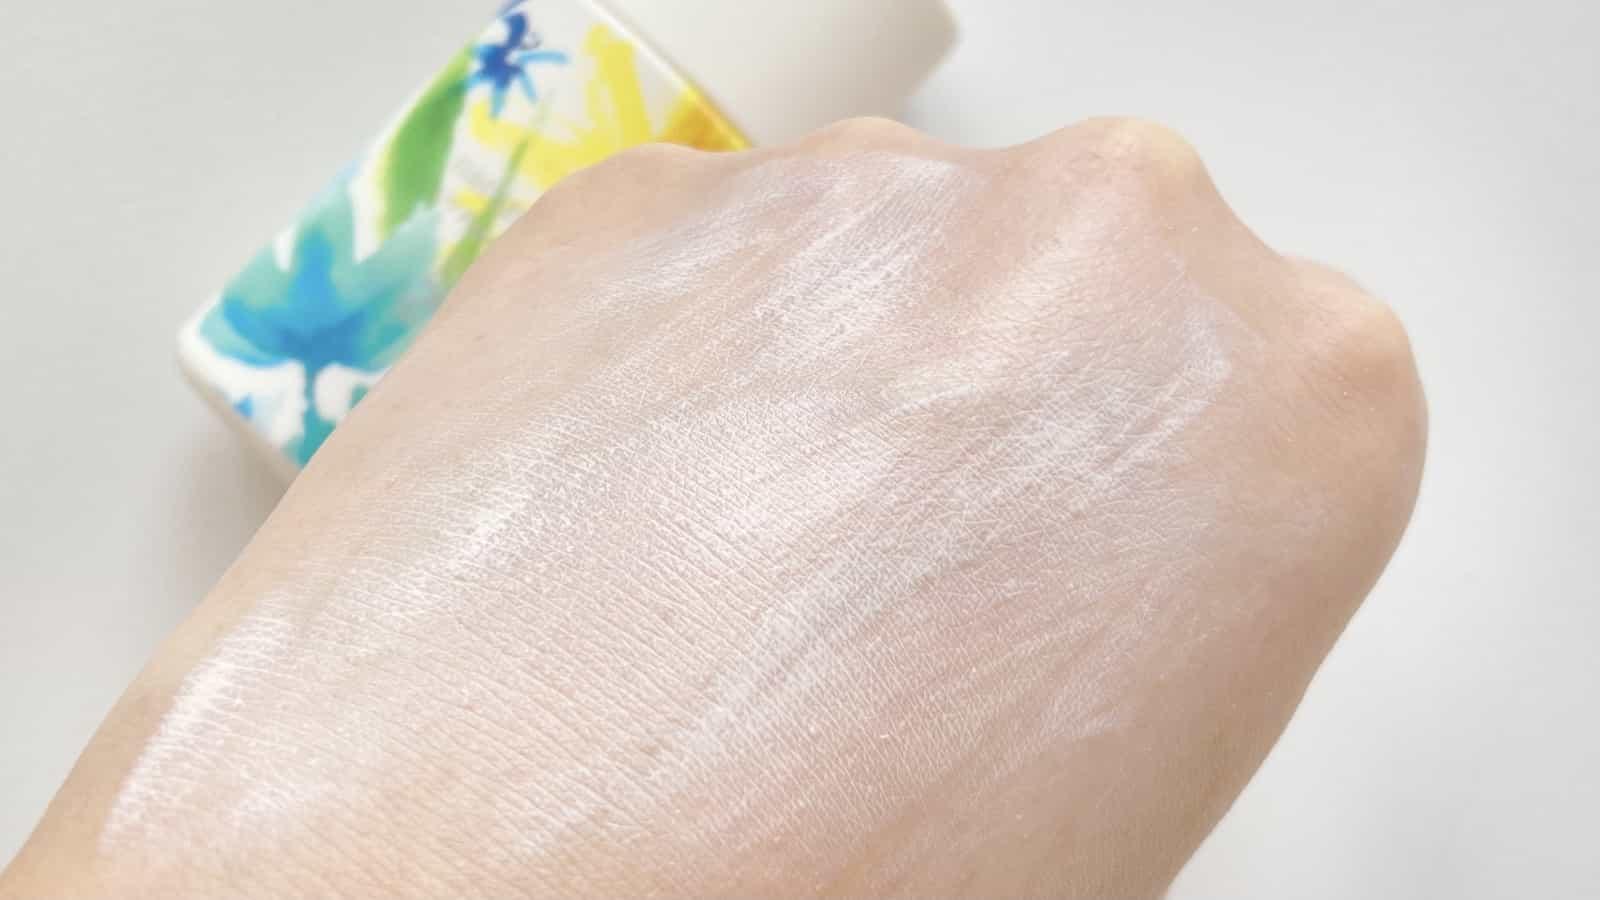 UVプロテクションベースを手の甲にのばした様子